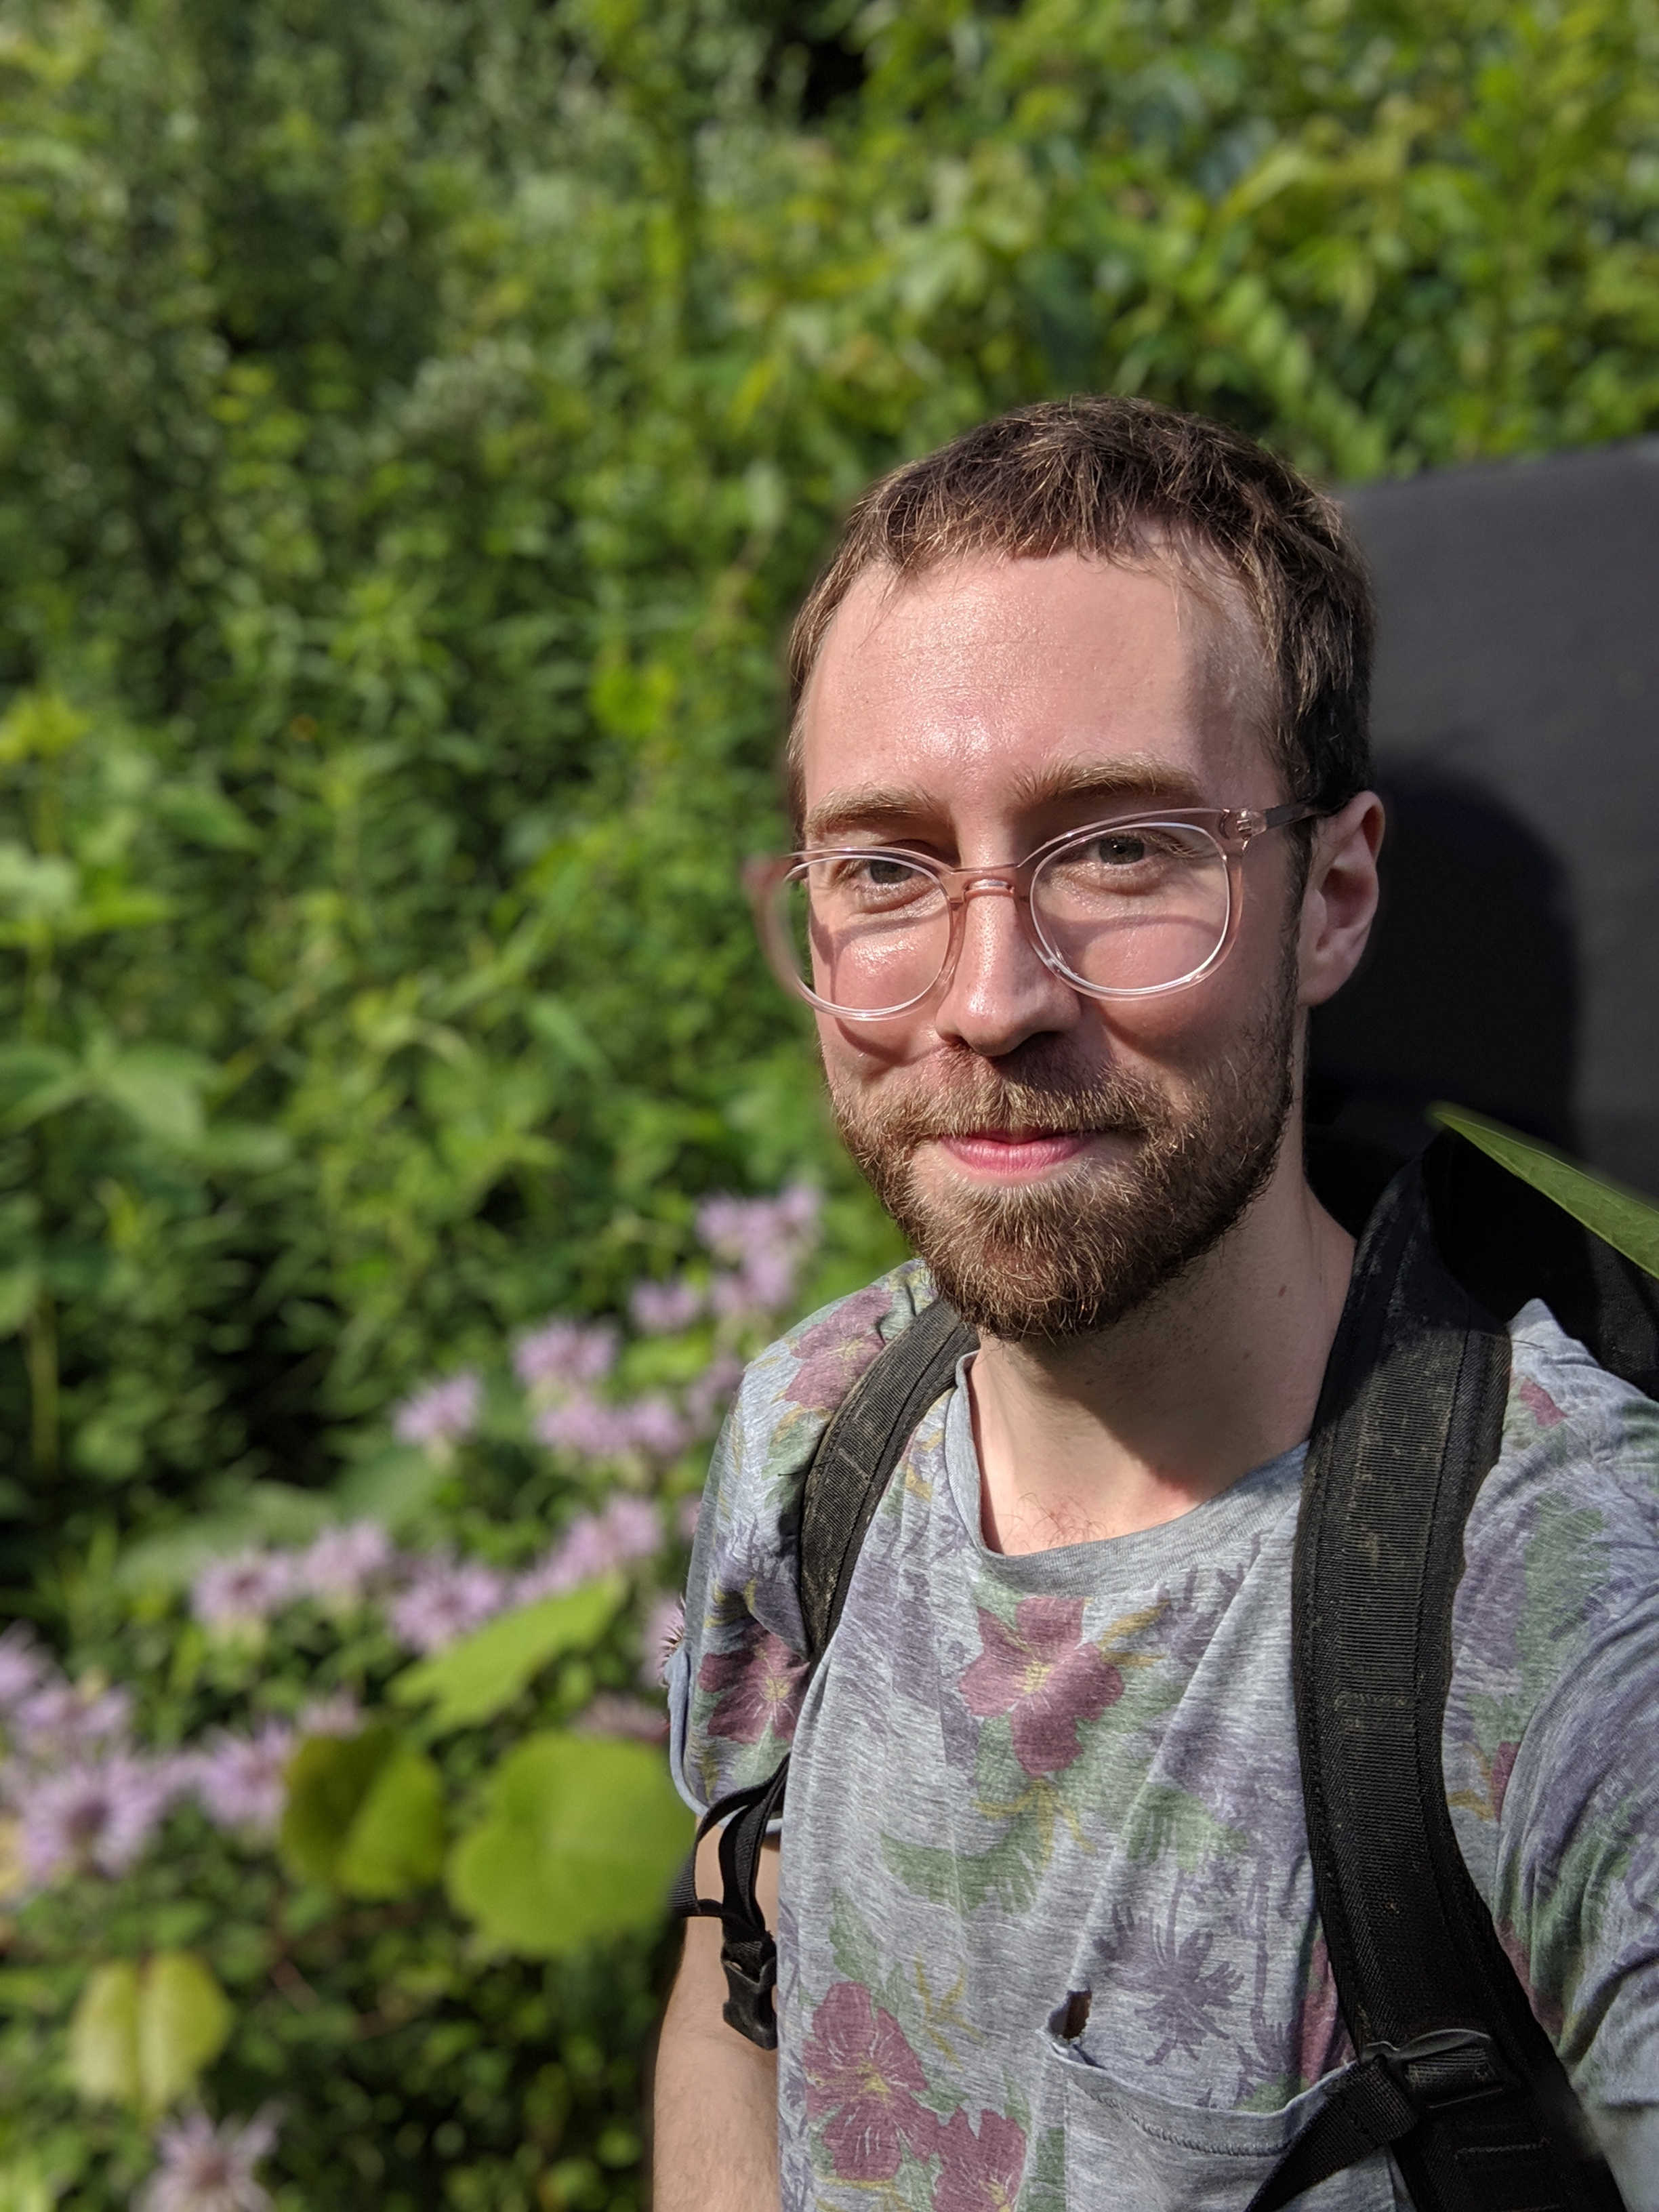 Brendan Chambers, PhD